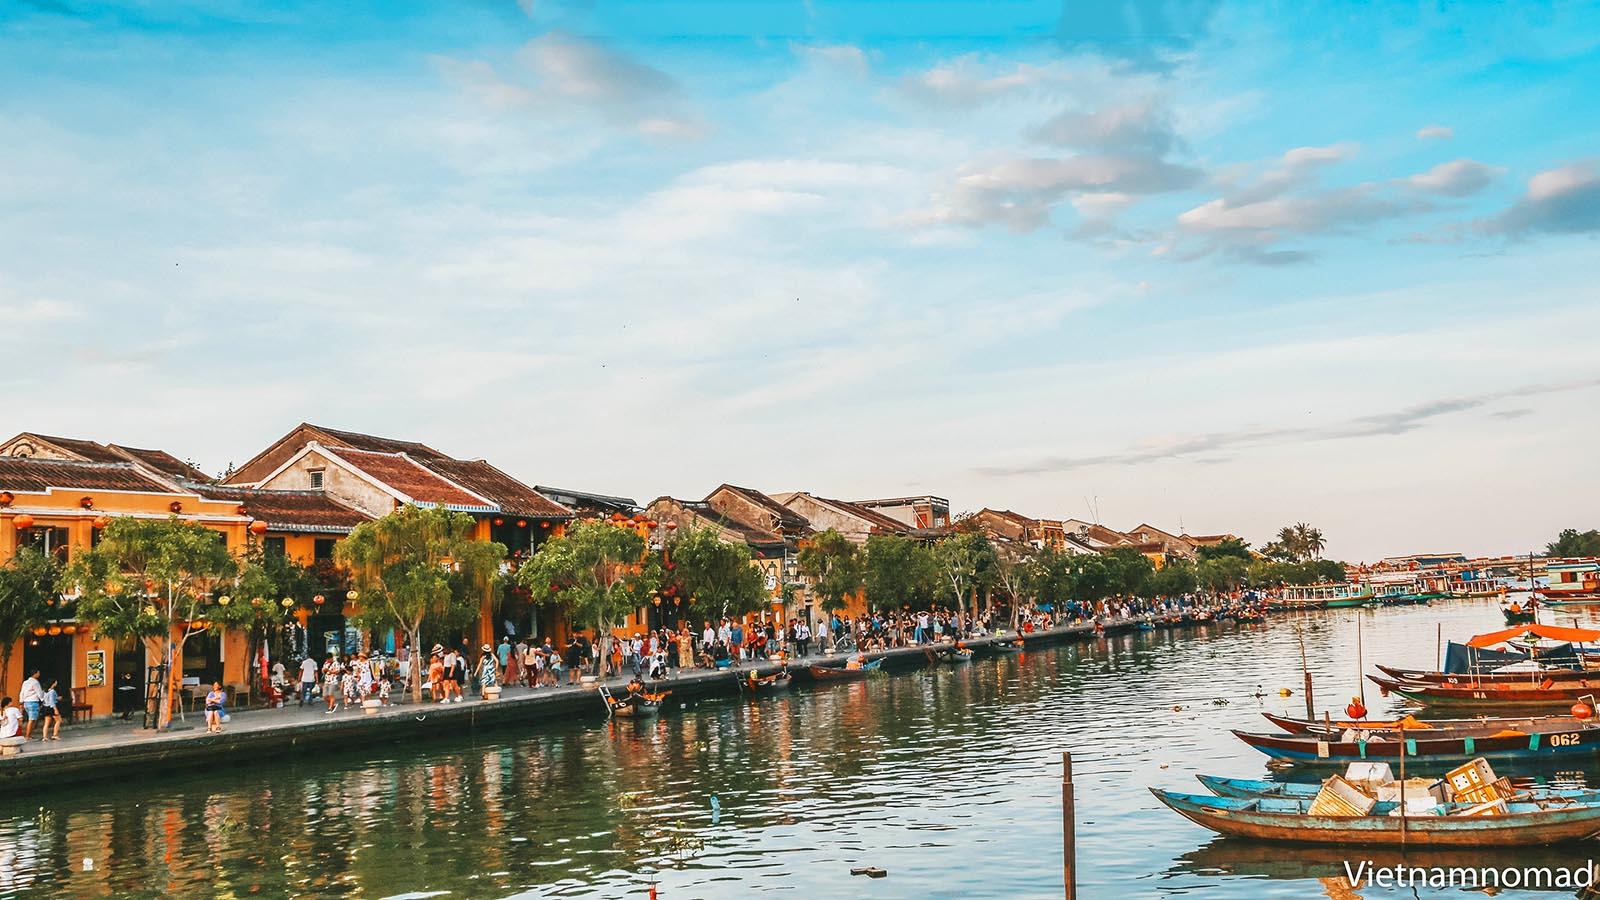 Hoi An Ancient Town - Vietnam